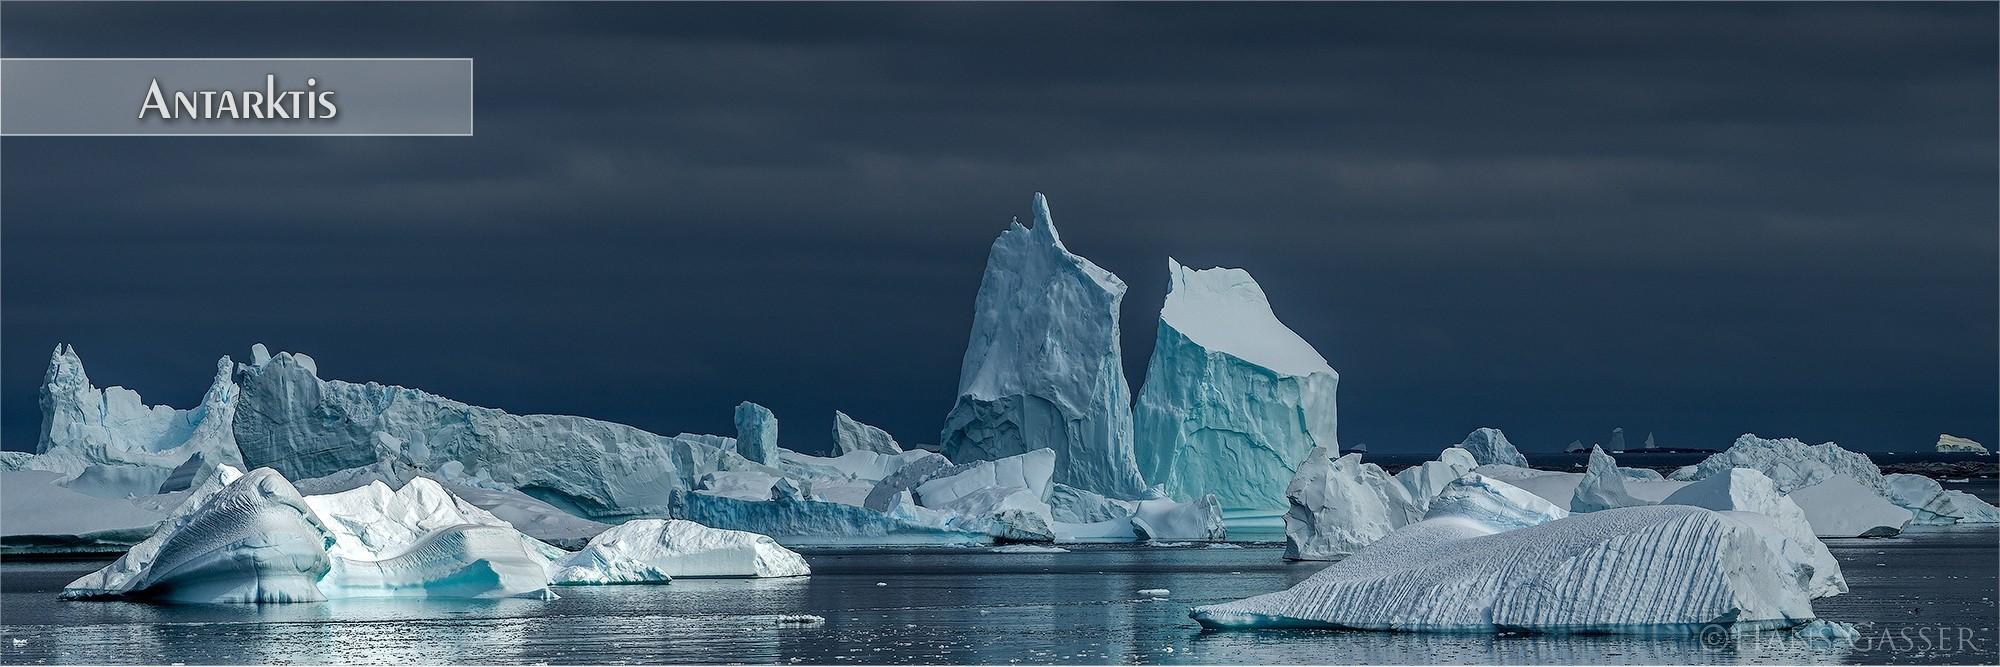 Bilder aus der Antarktis als Wandbild oder Küchenrückwand